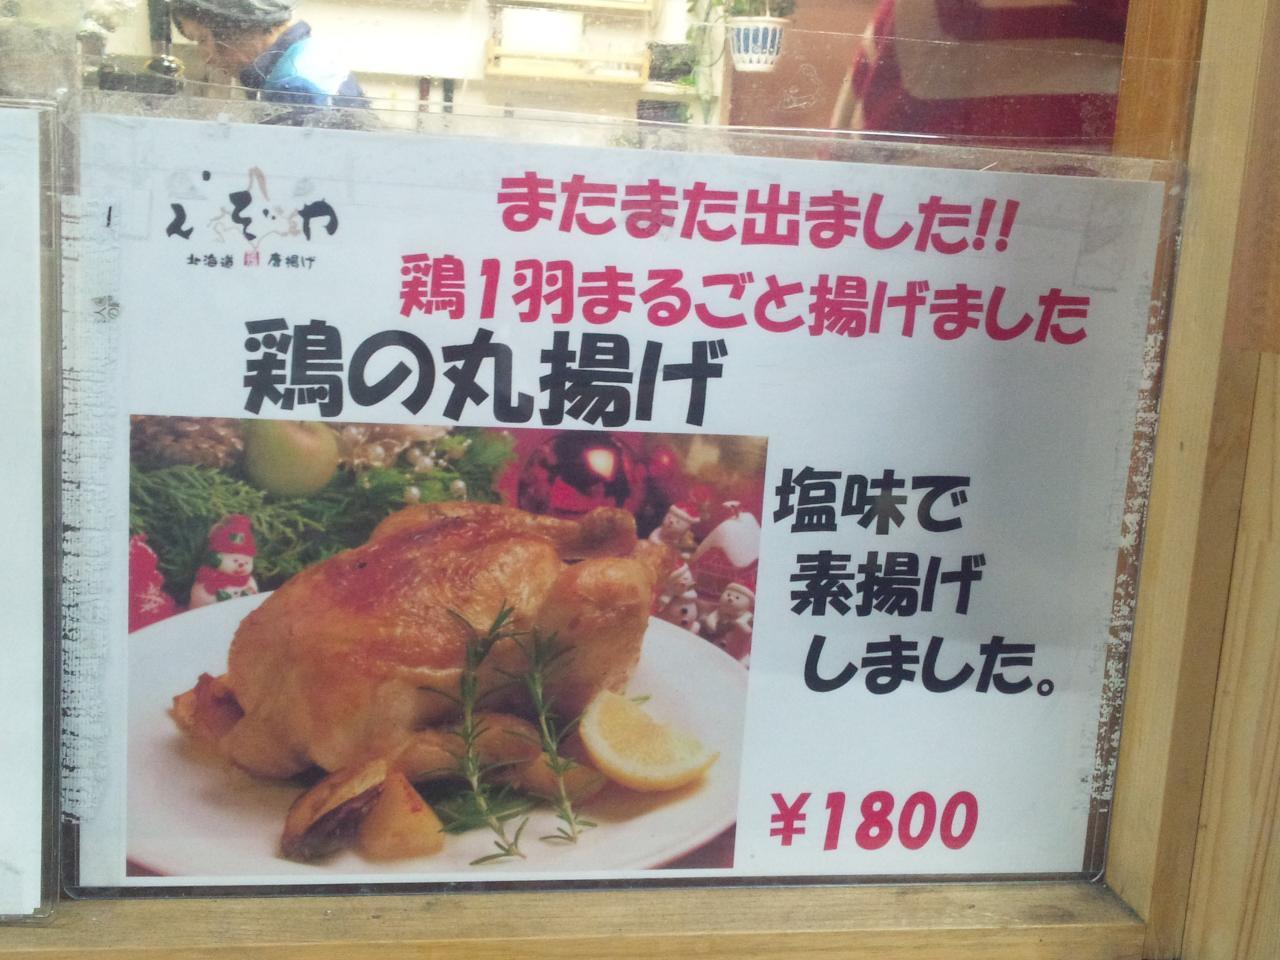 えぞや六角橋店(鶏丸揚げメニュー)